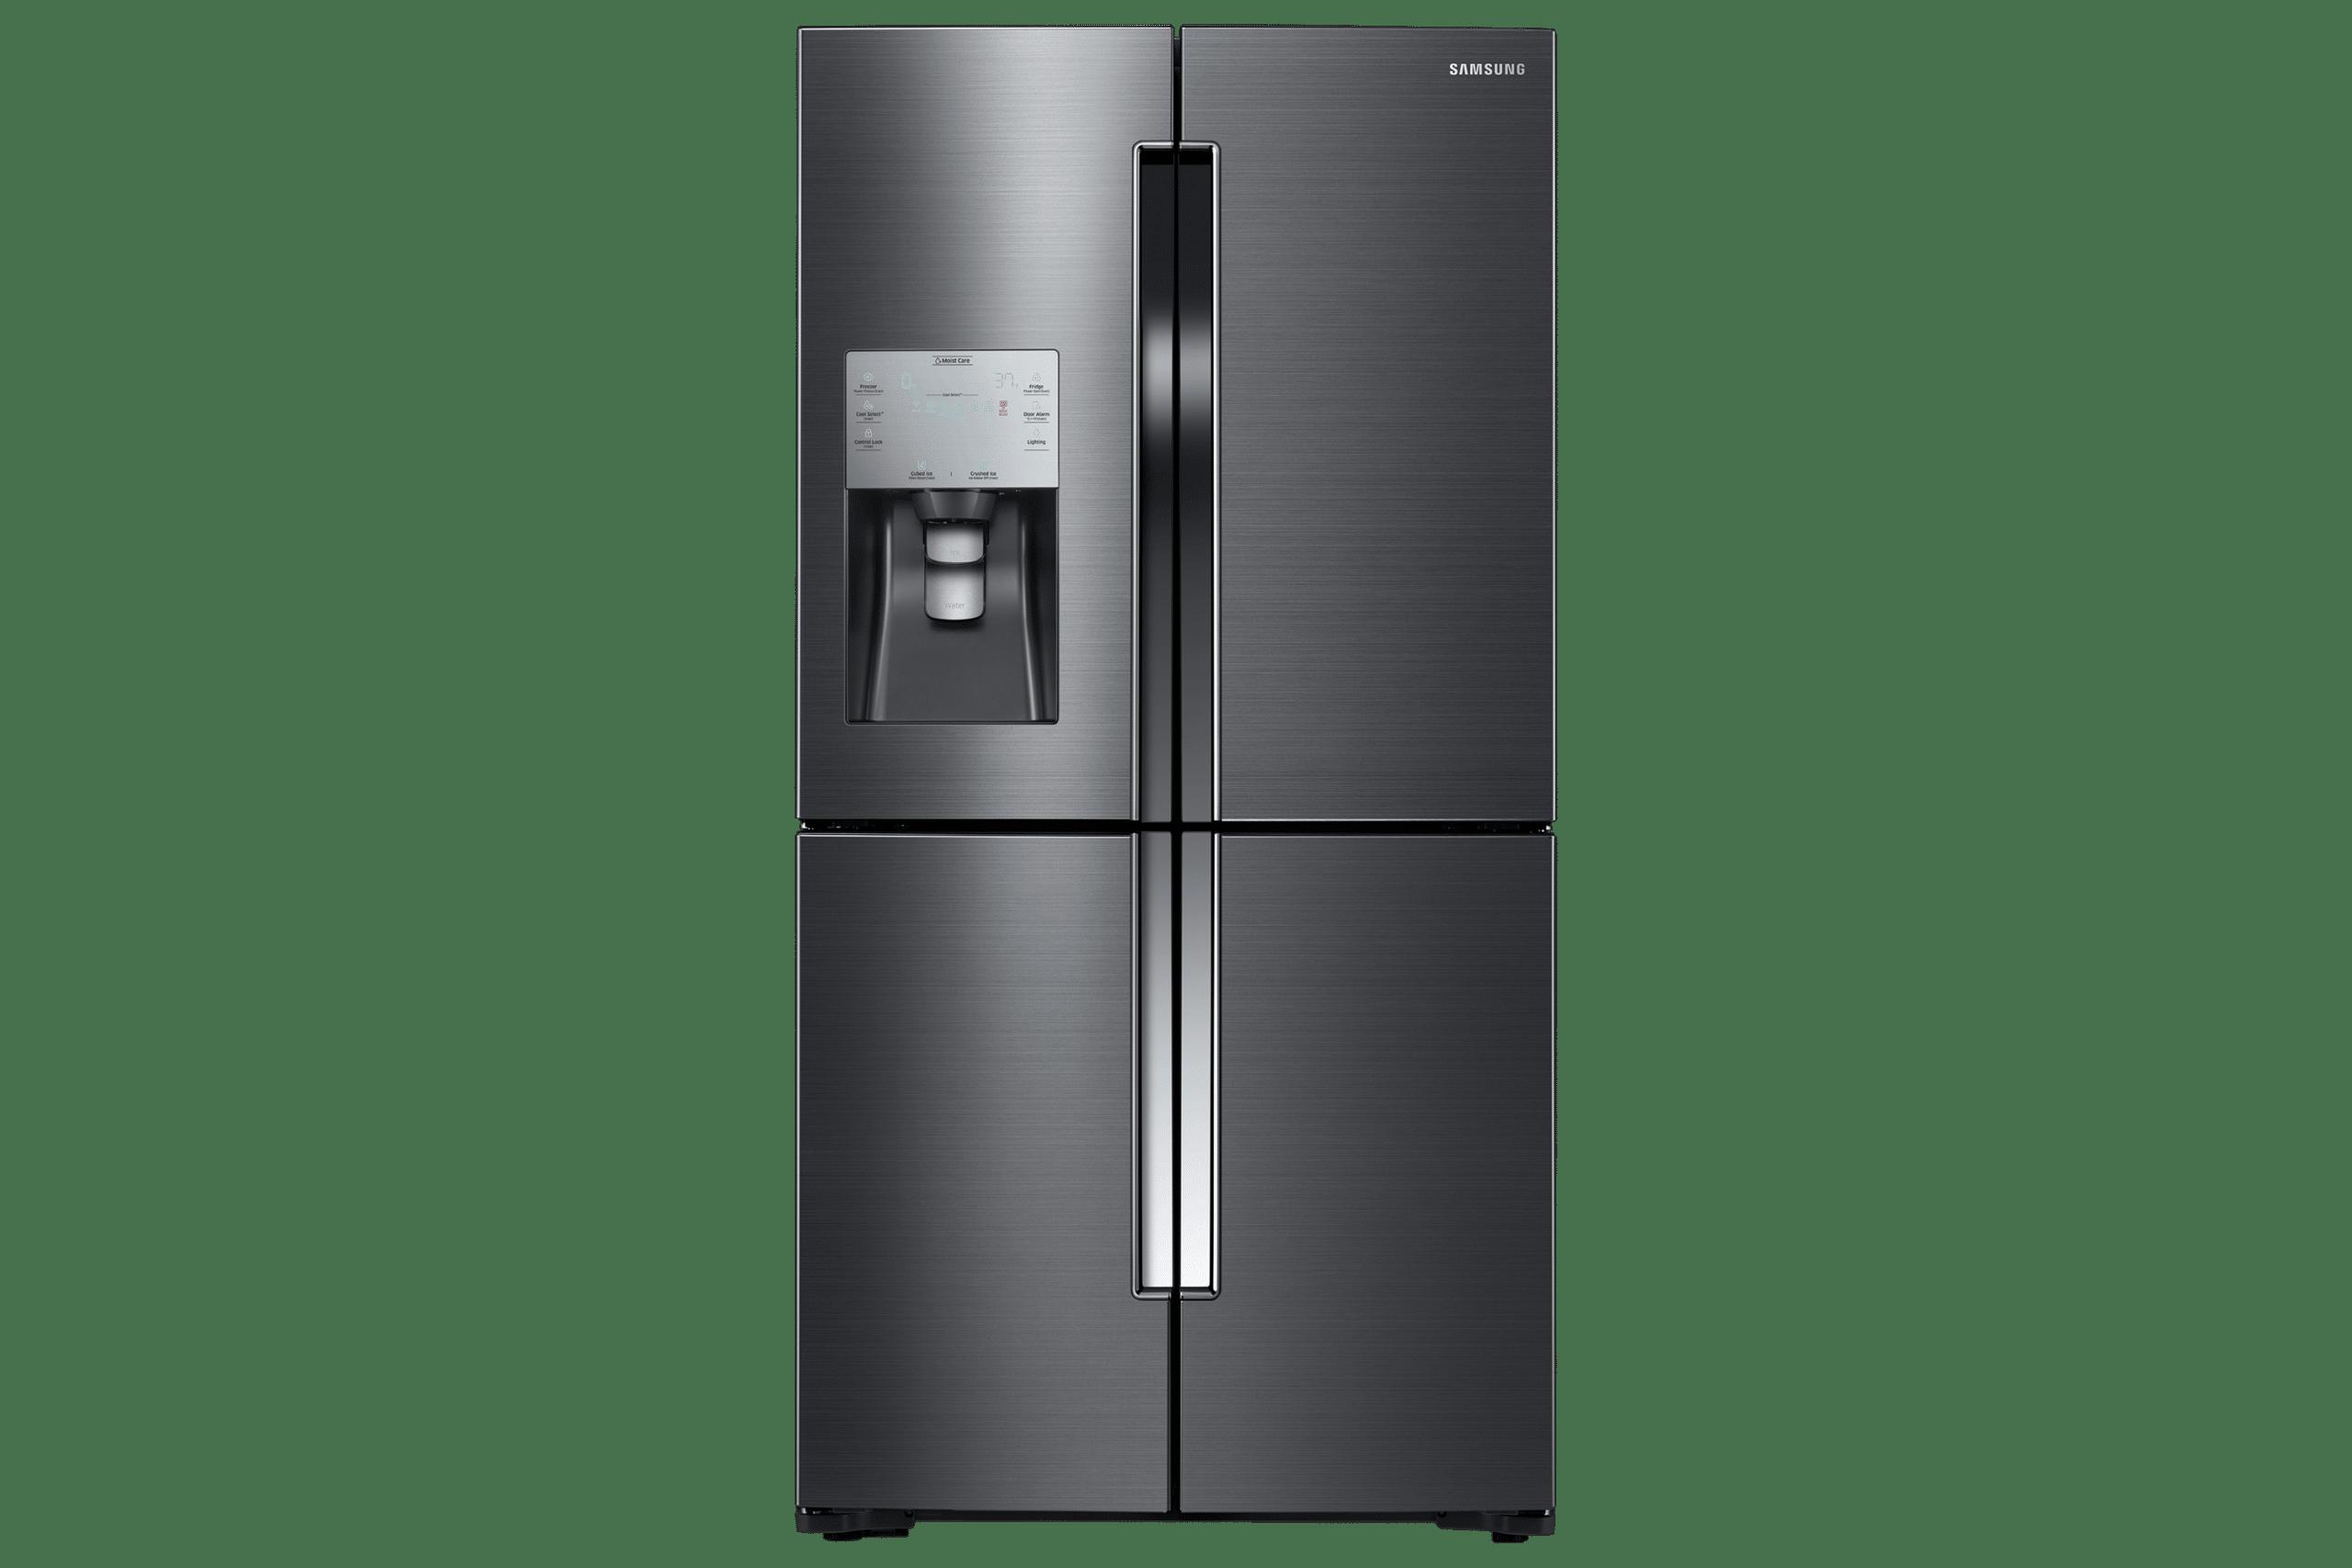 Thu mua tủ lạnh cũ Hà Nội uy tín